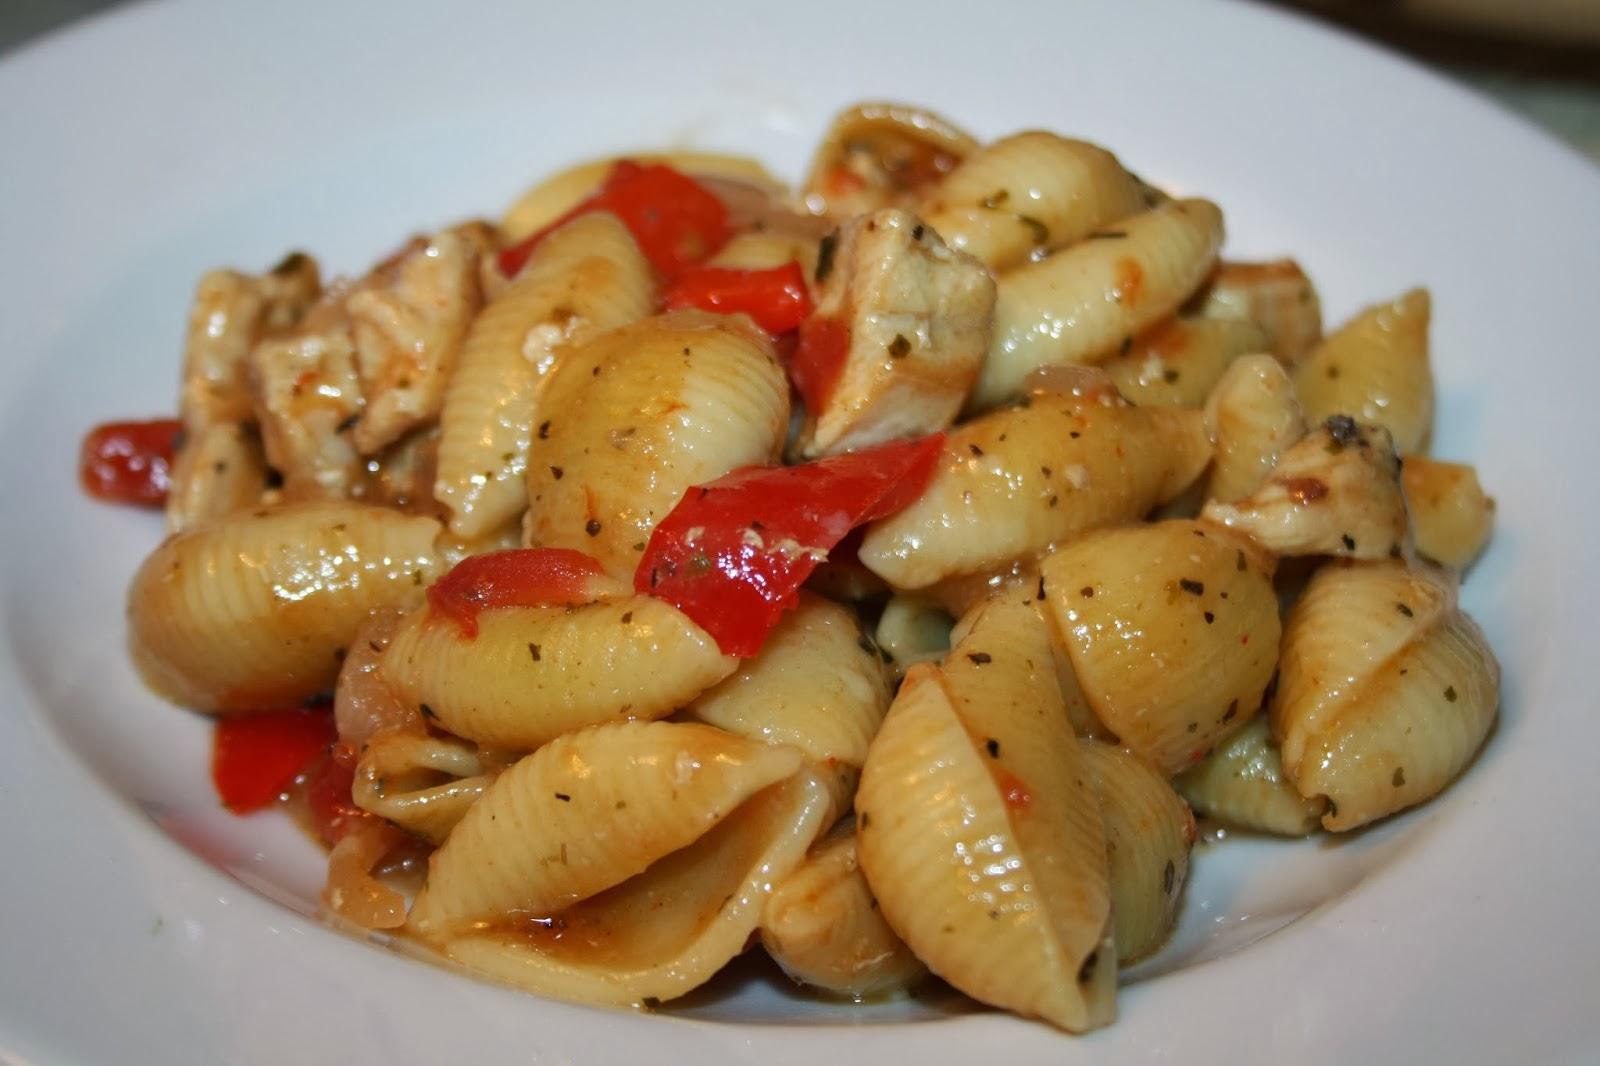 http://sourdoughnative.blogspot.com/2014/02/easy-chicken-cacciatore-pasta.html